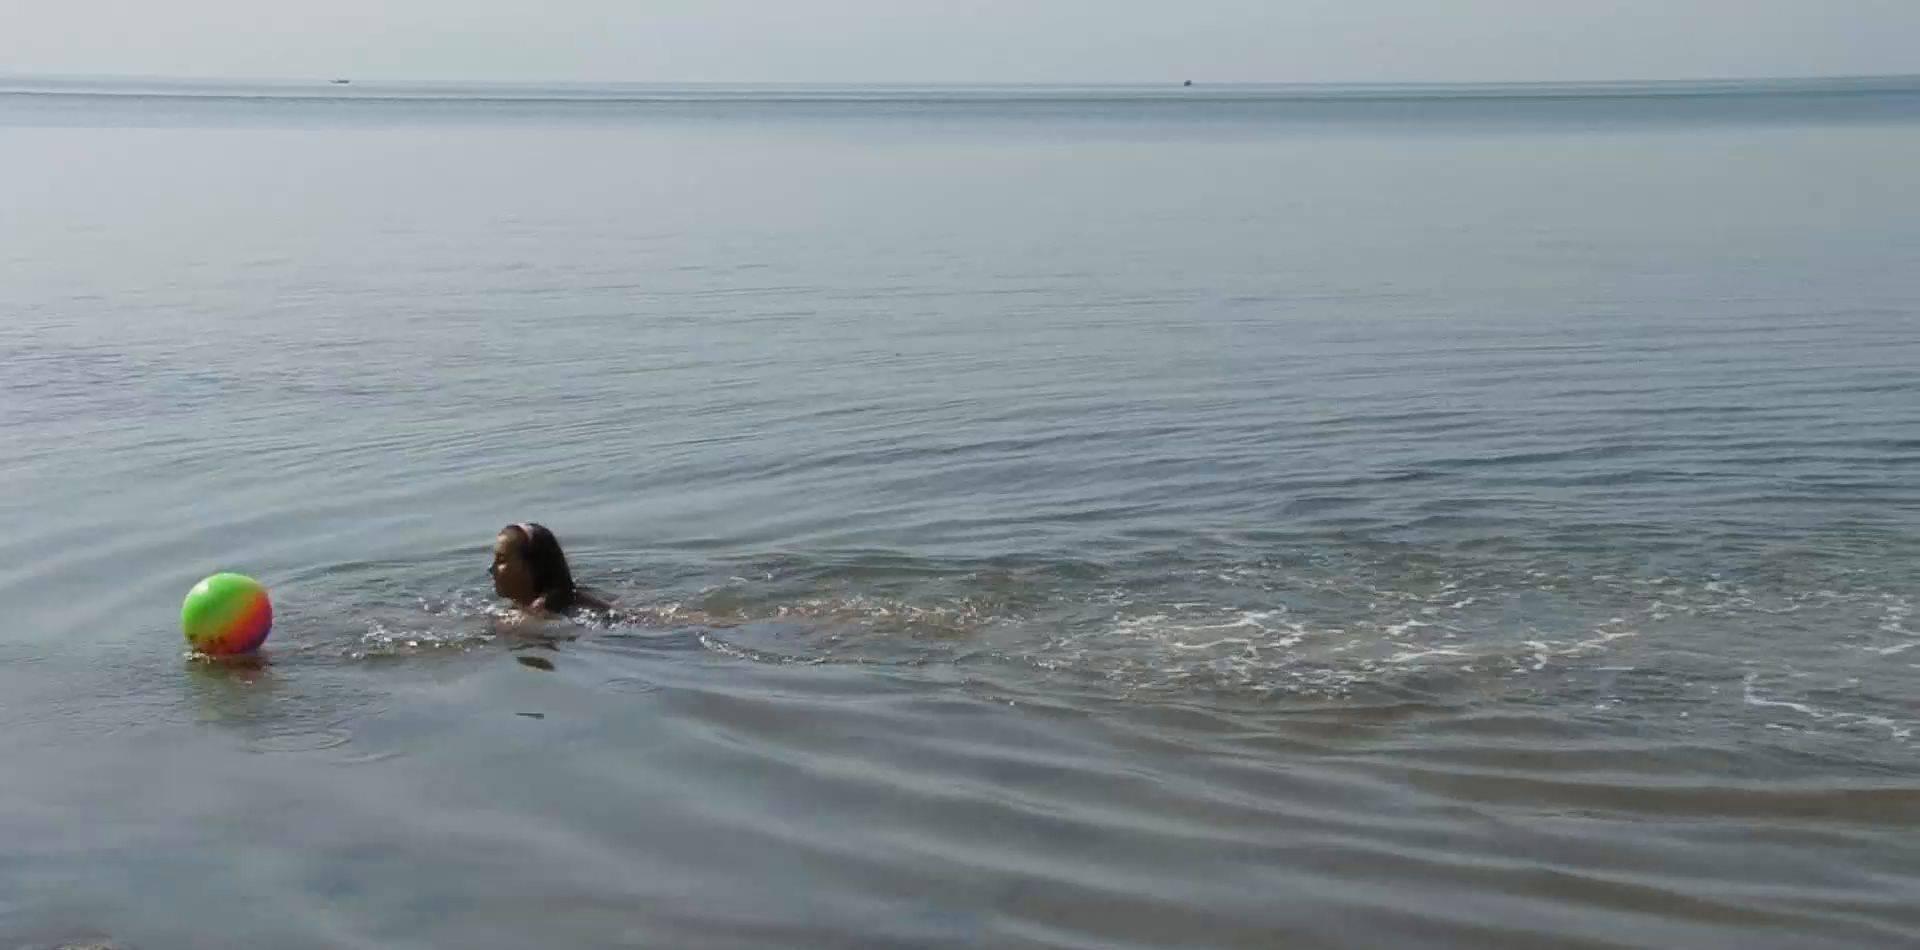 Candid-HD.com Teen Nudists on Holiday 2 - 2